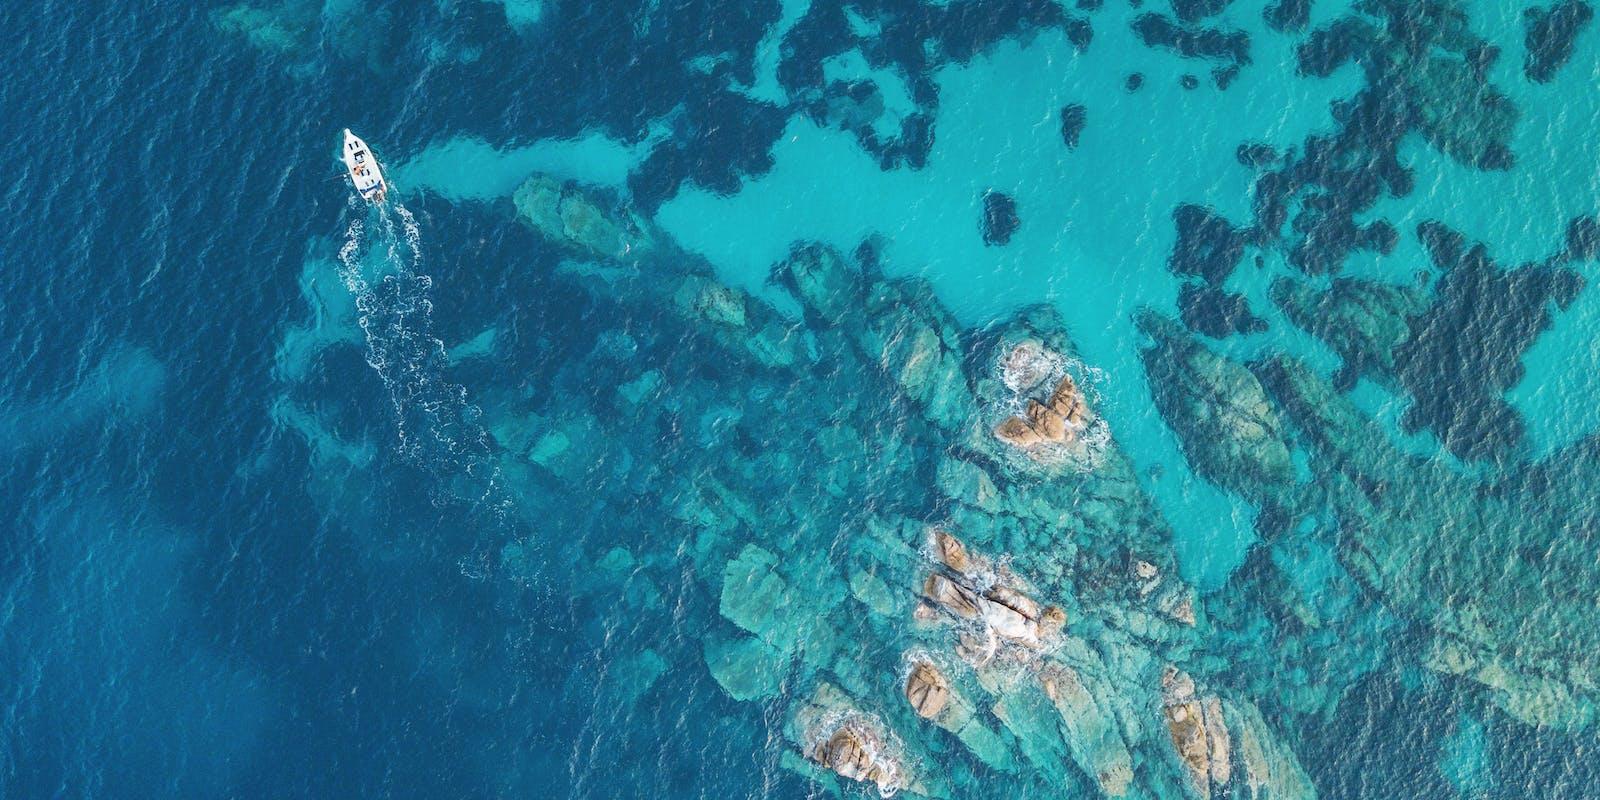 Luftaufnahme Riff mit Boot | griechenland.de